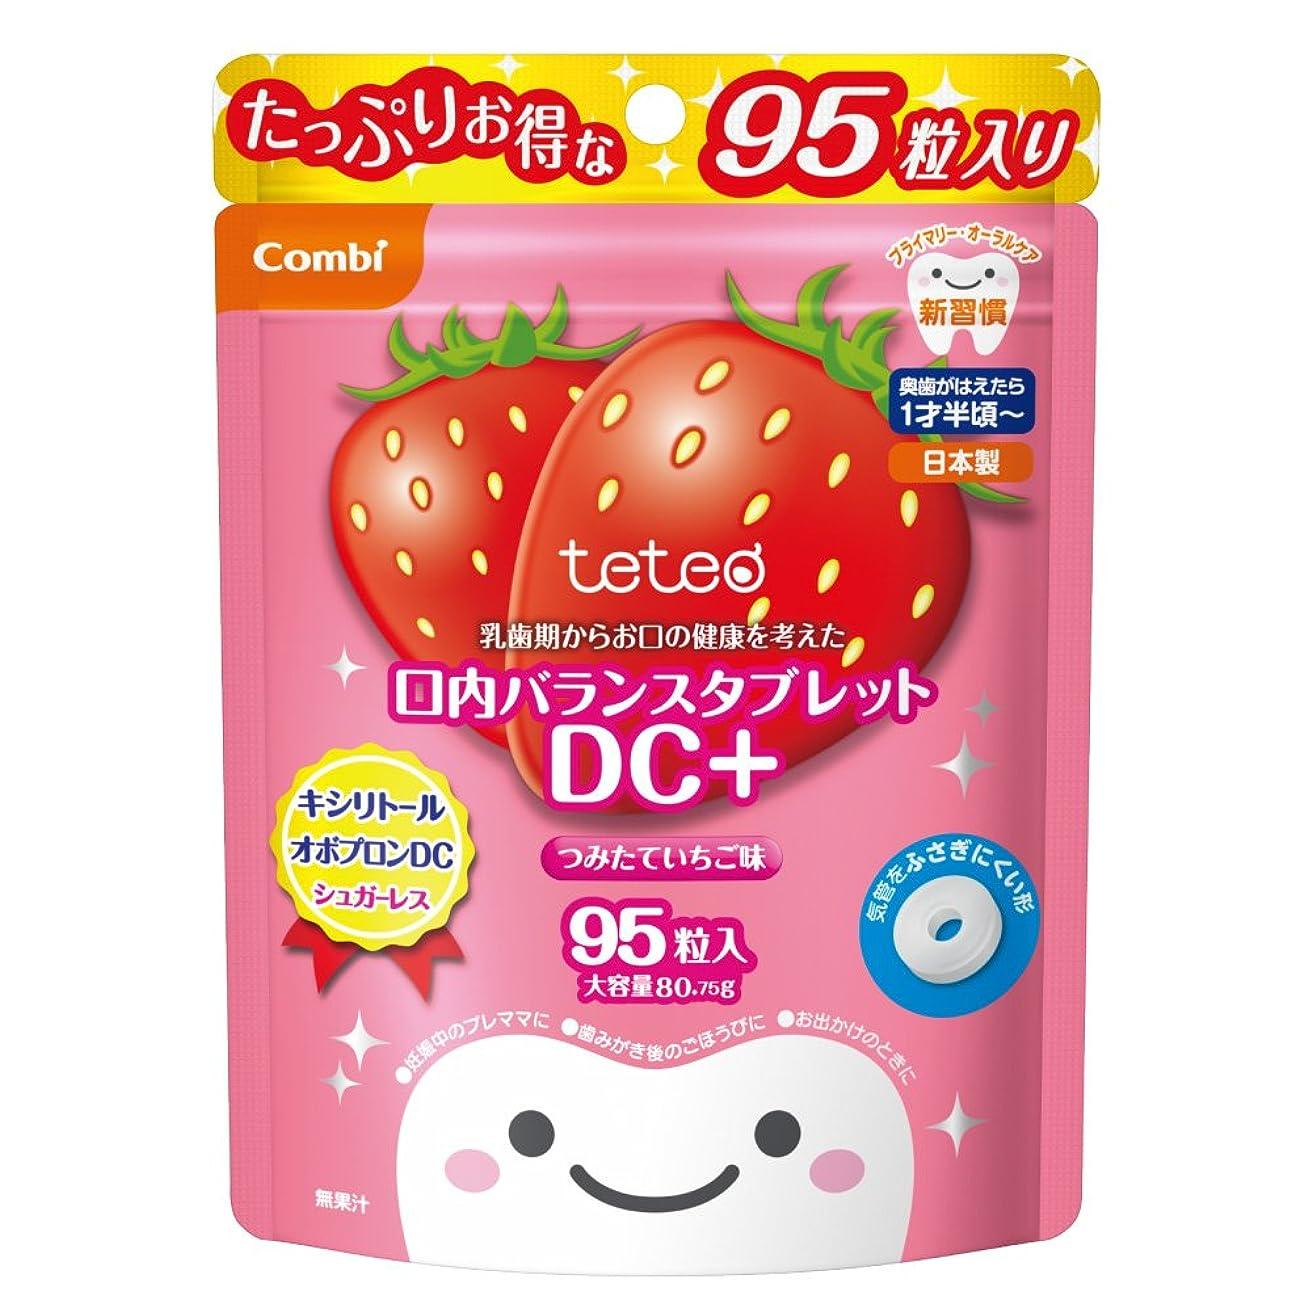 コンビ テテオ 乳歯期からお口の健康を考えた 口内バランスタブレット DC+ 95粒 つみたていちご味